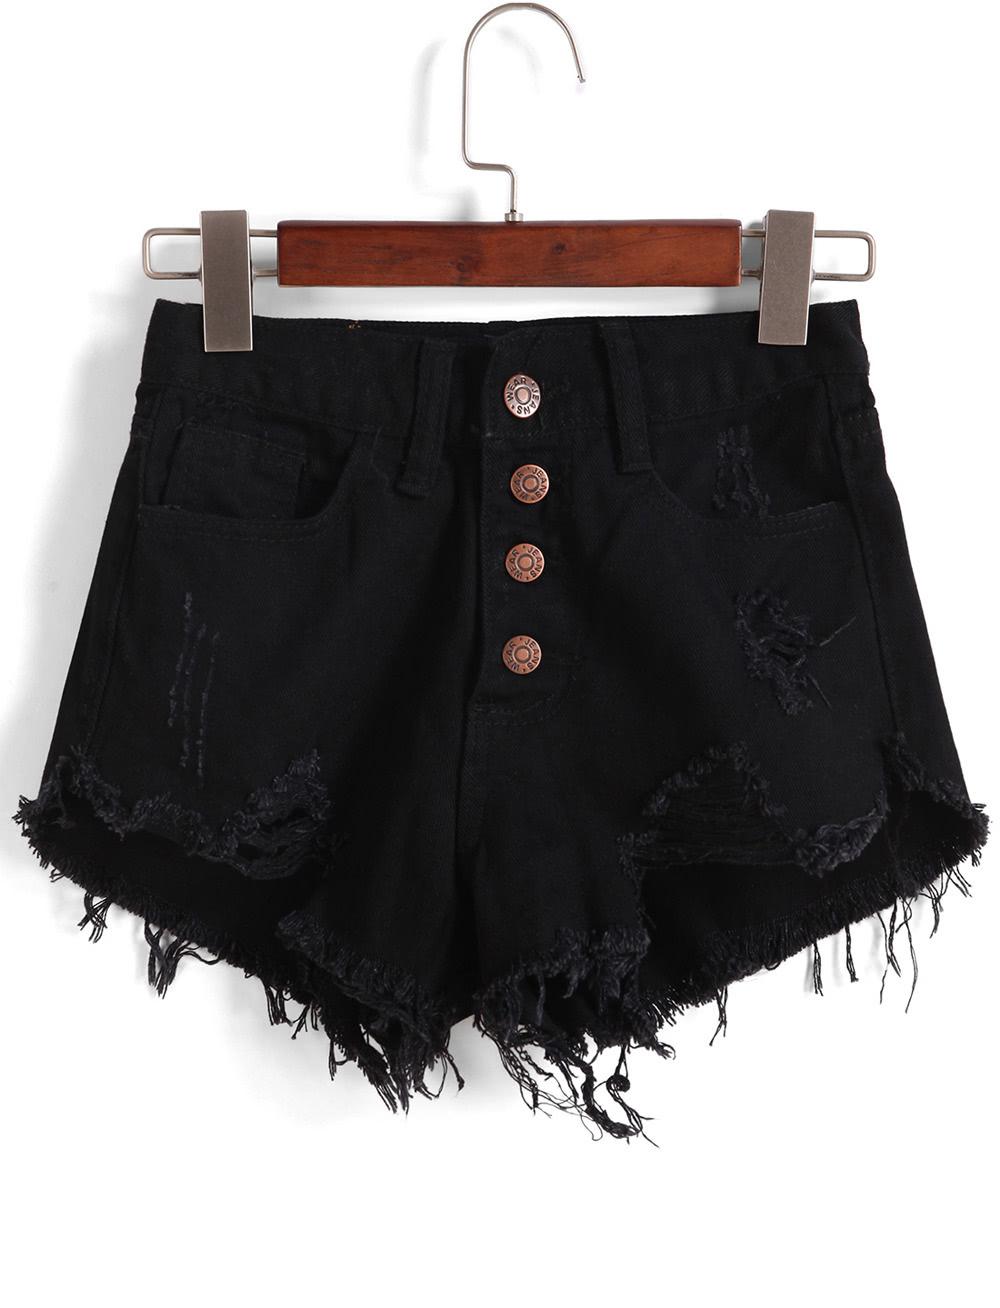 Single-breasted Ripped Fringe Denim Black Shorts